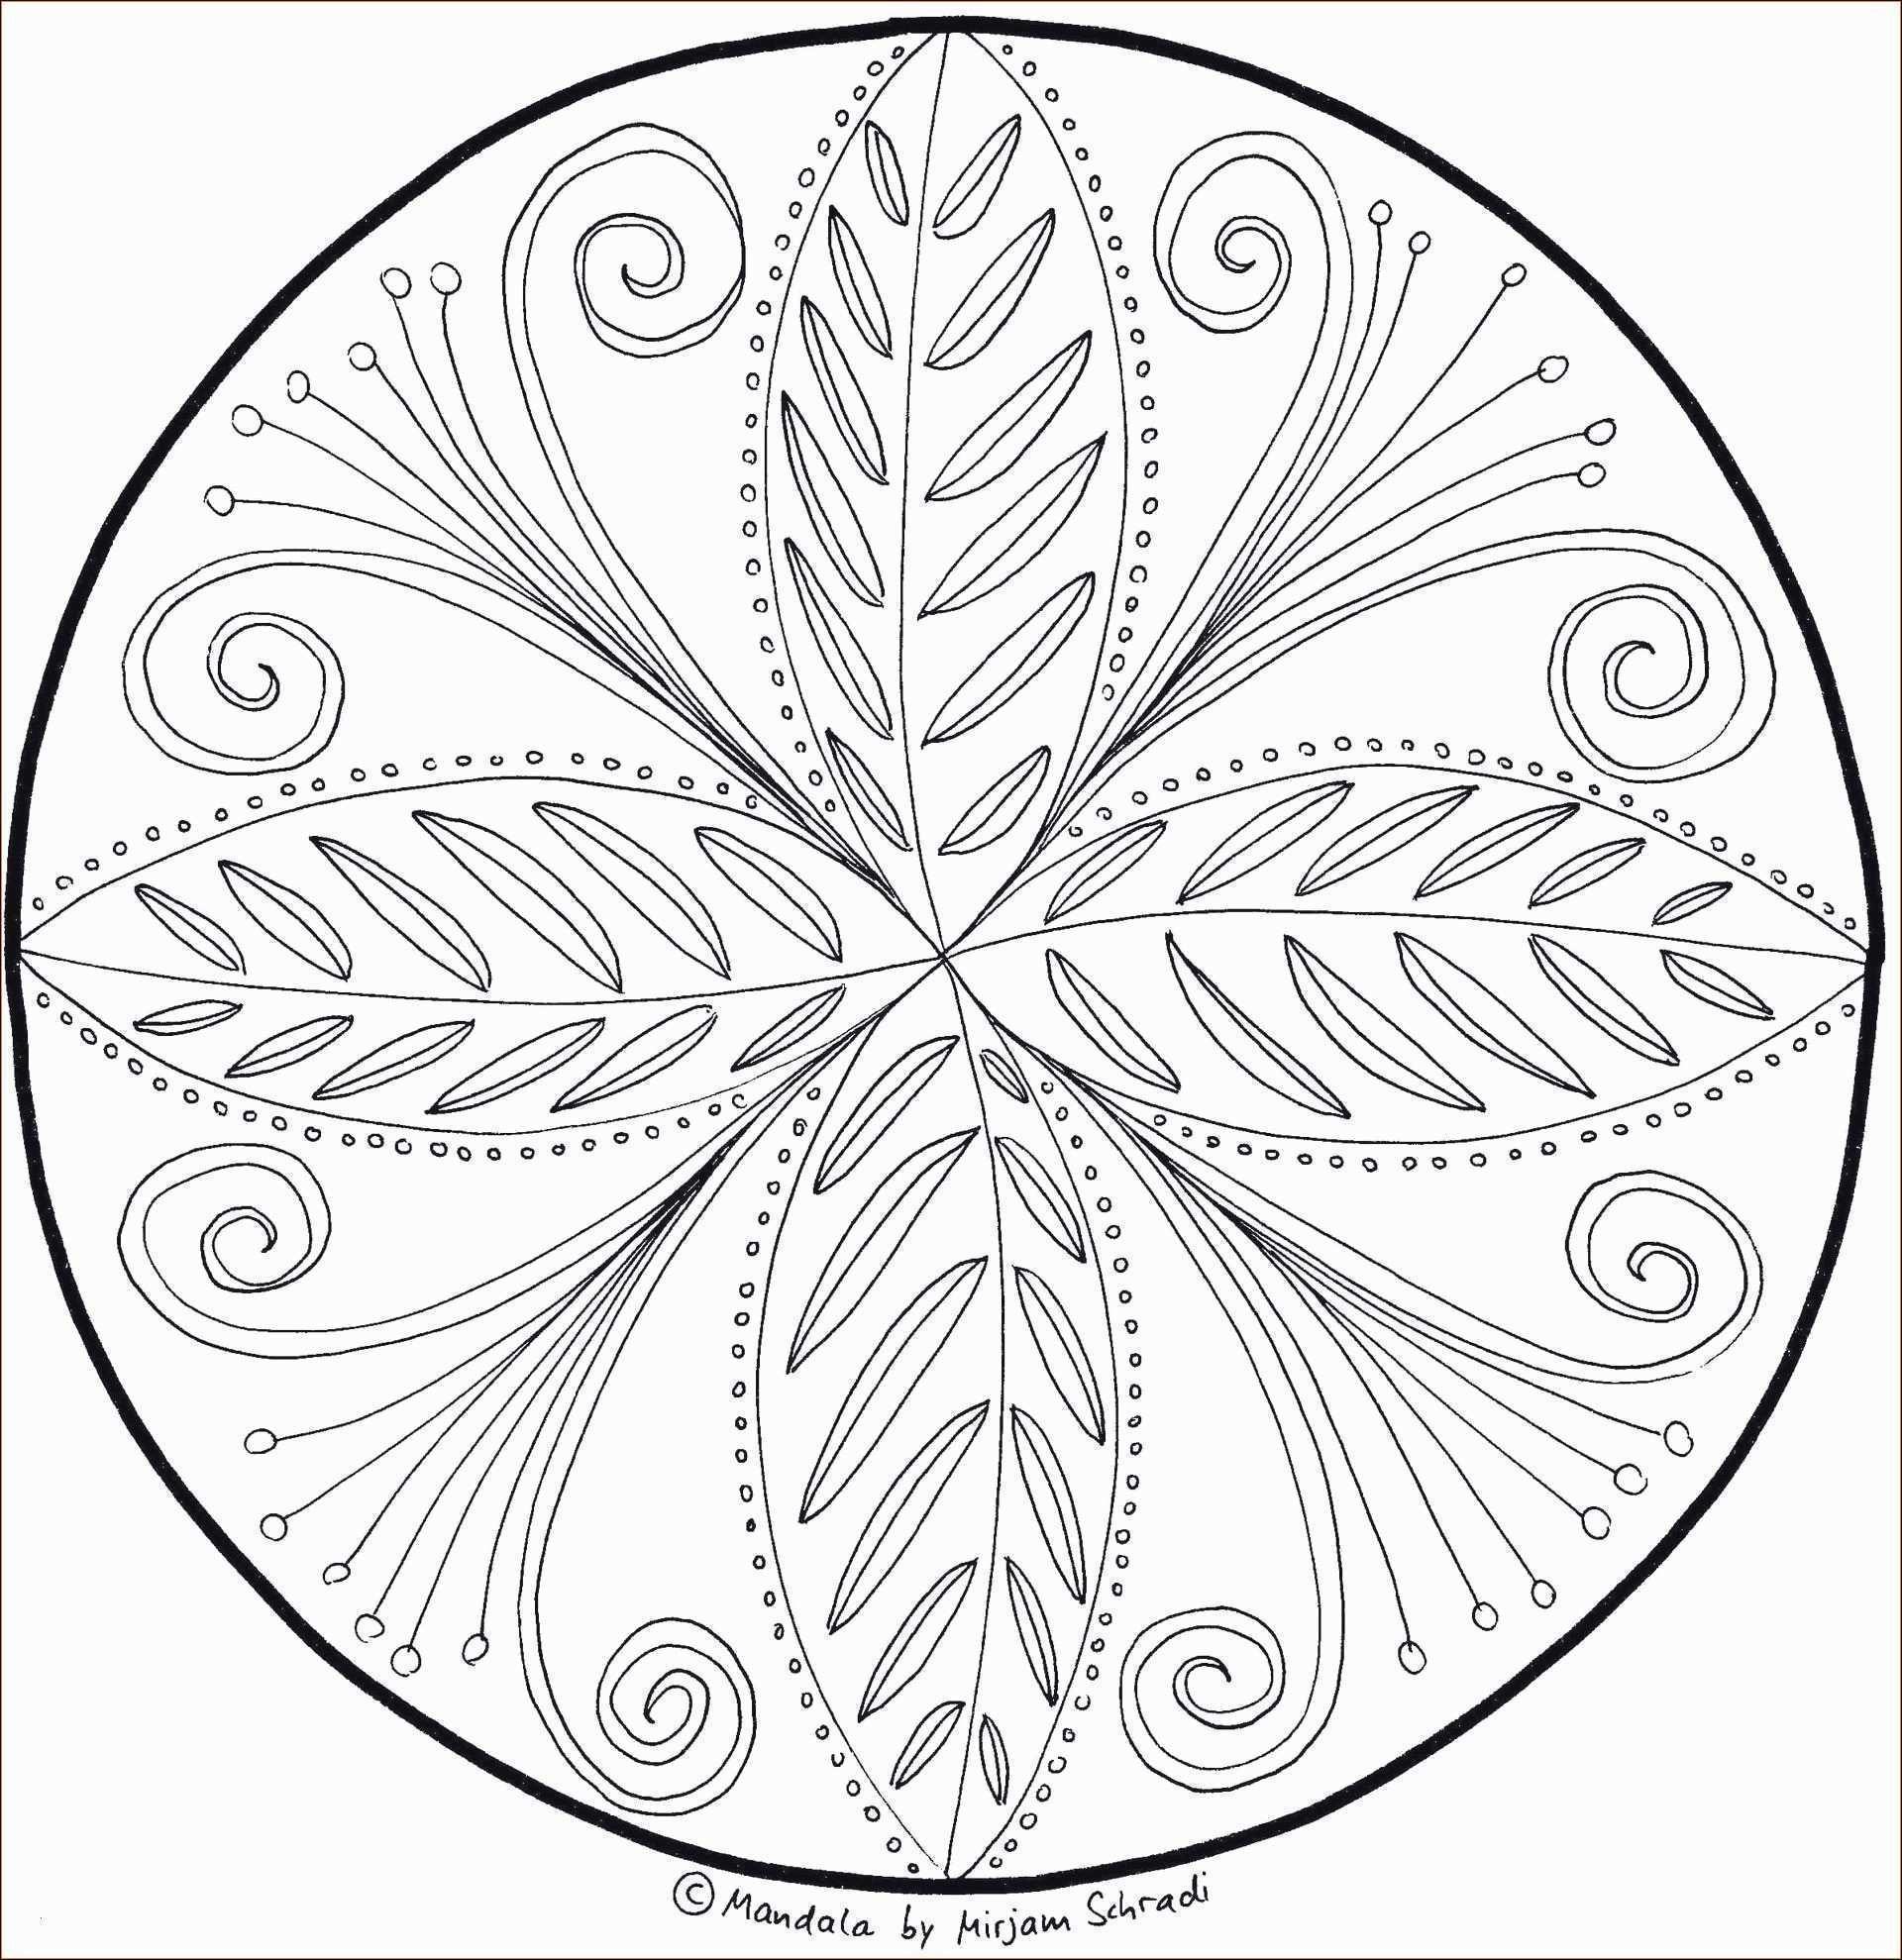 Anspruchsvolle Mandalas Zum Ausdrucken Das Beste Von Einhorn Mandalas Zum Ausdrucken Bild Mandala Nashorn Vorlage Das Bild